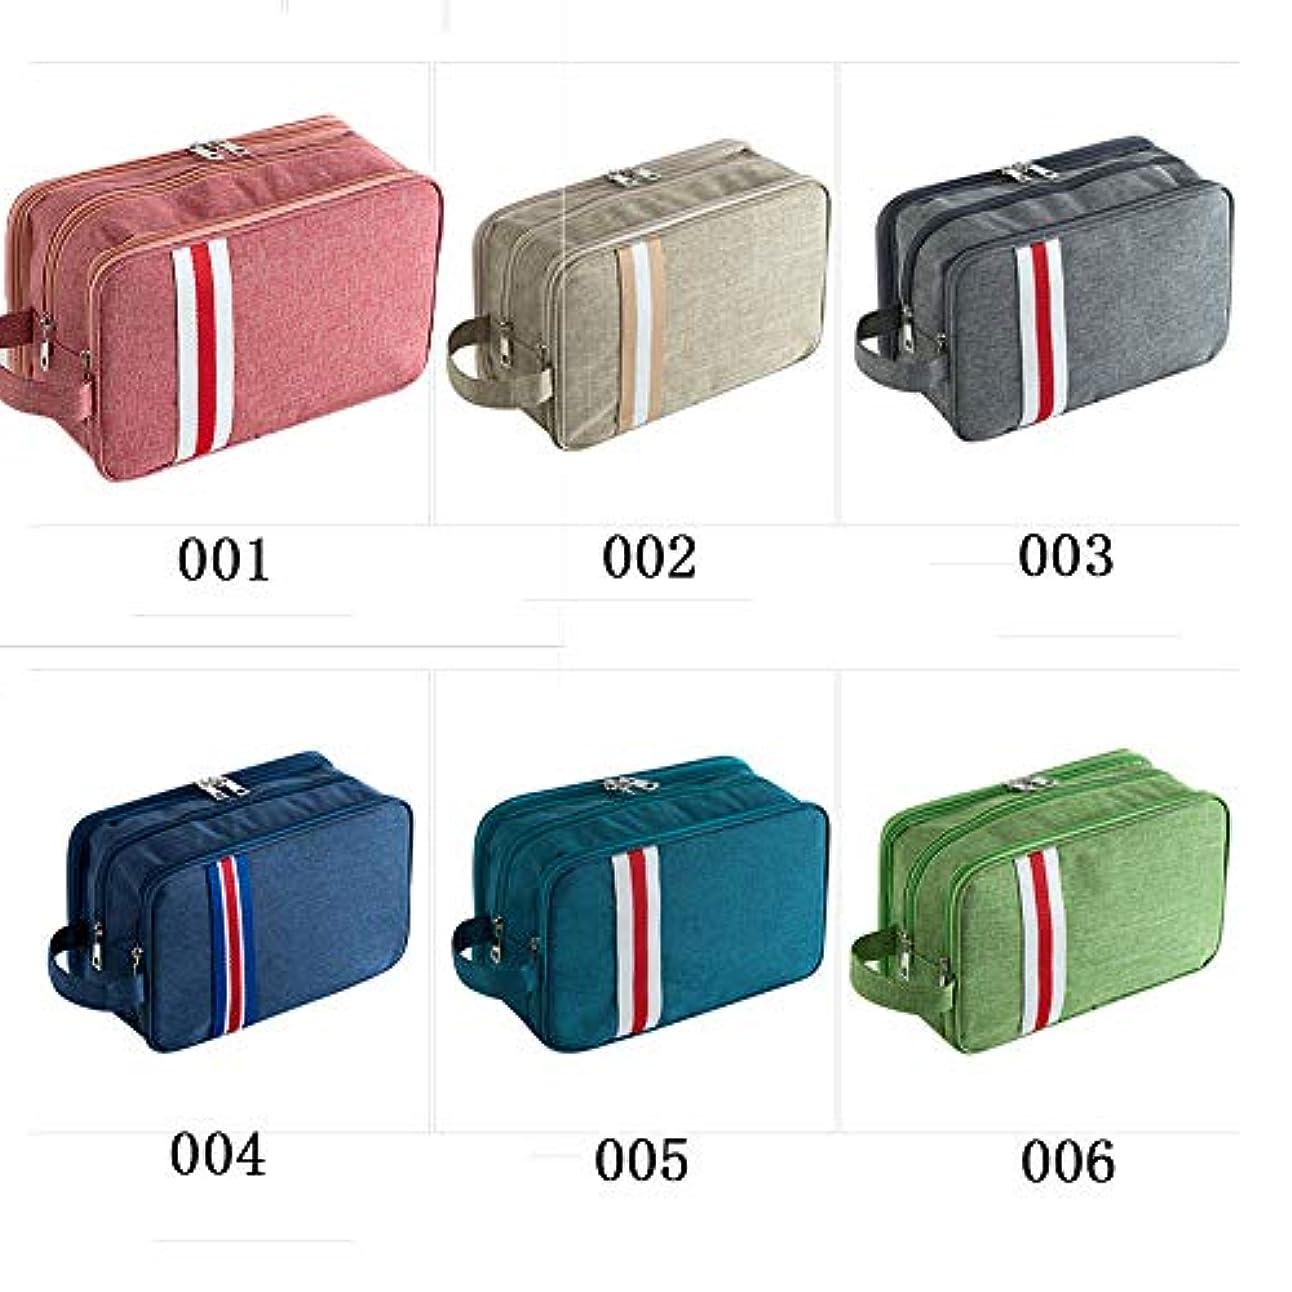 ダブルジッパー化粧品袋収納アクセサリー毎日の出張トラベルウォッシュバッグ防水化粧品バッグ男性と女性のポータブル収納袋収納袋セット大容量の乾湿分離旅行用品